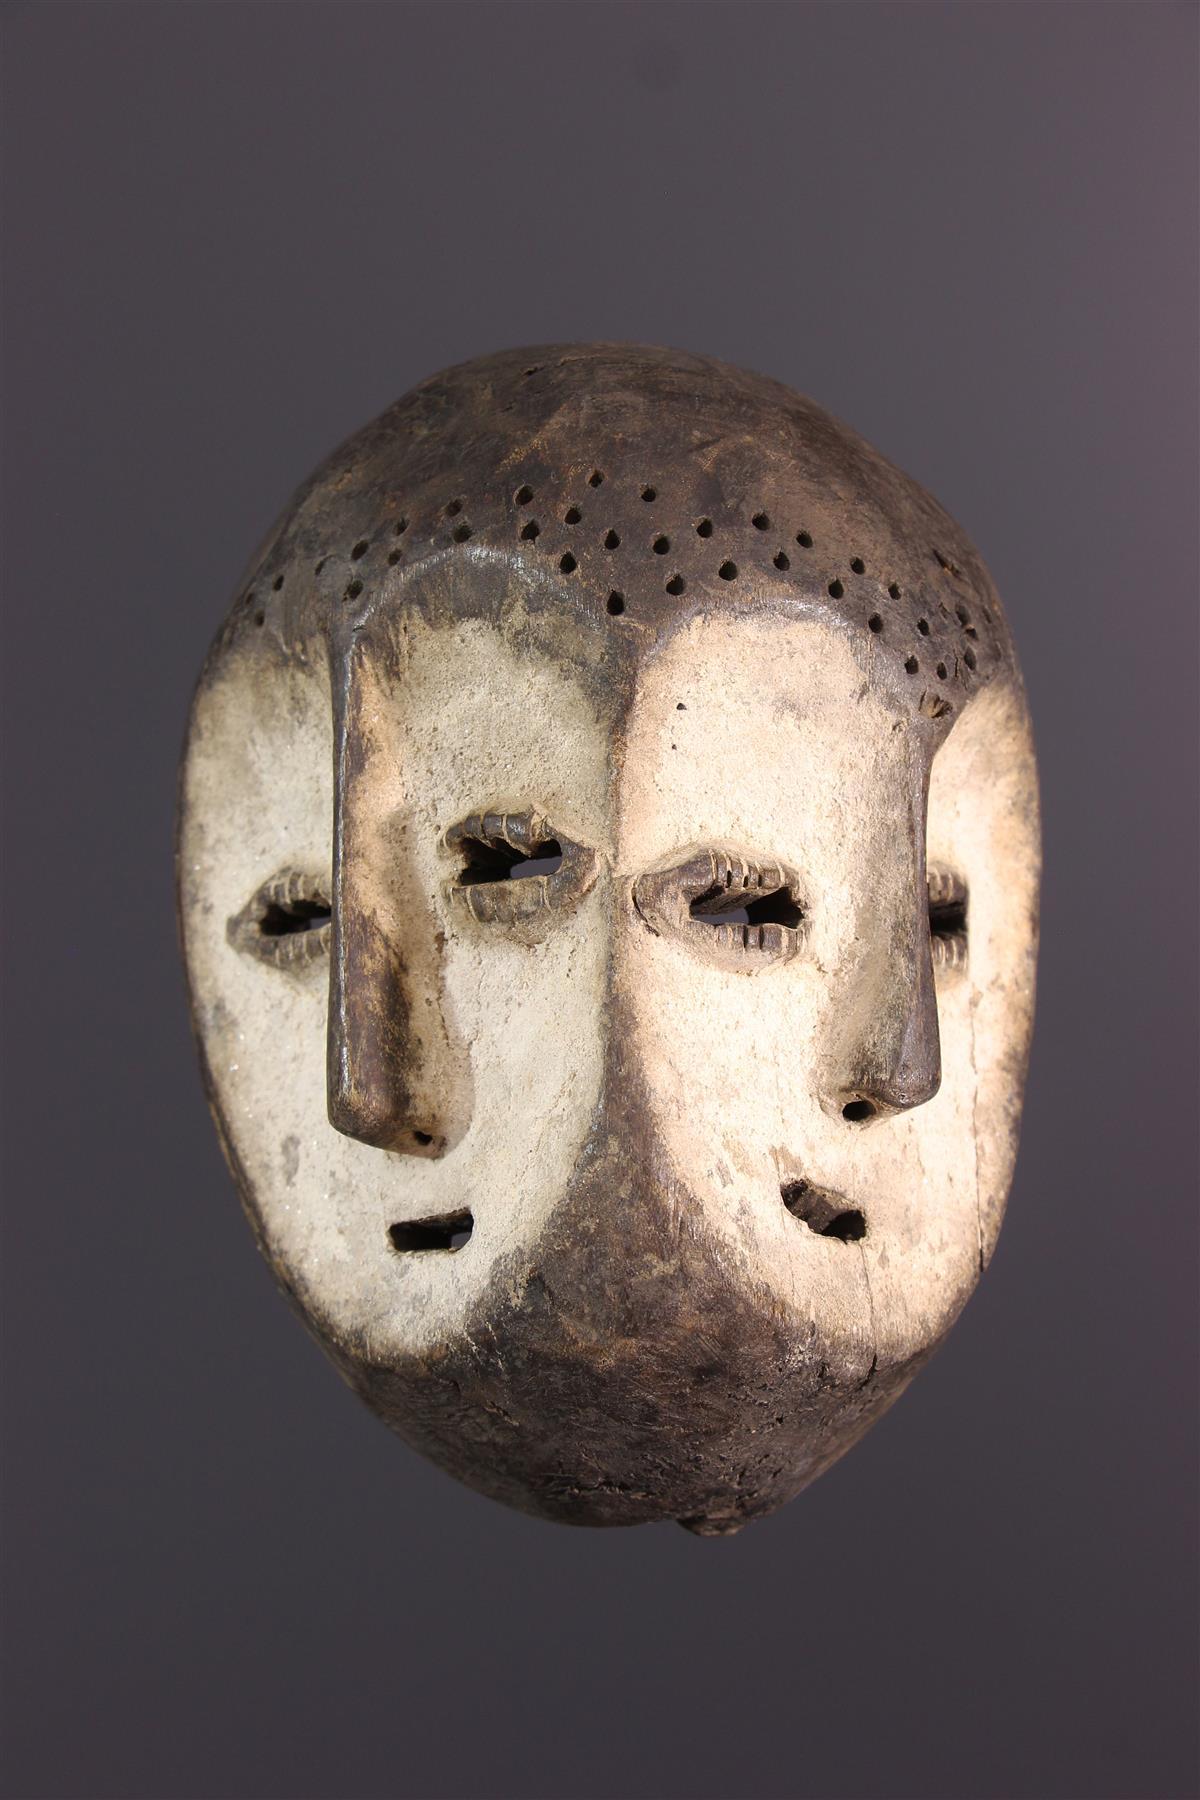 Masque League - African art